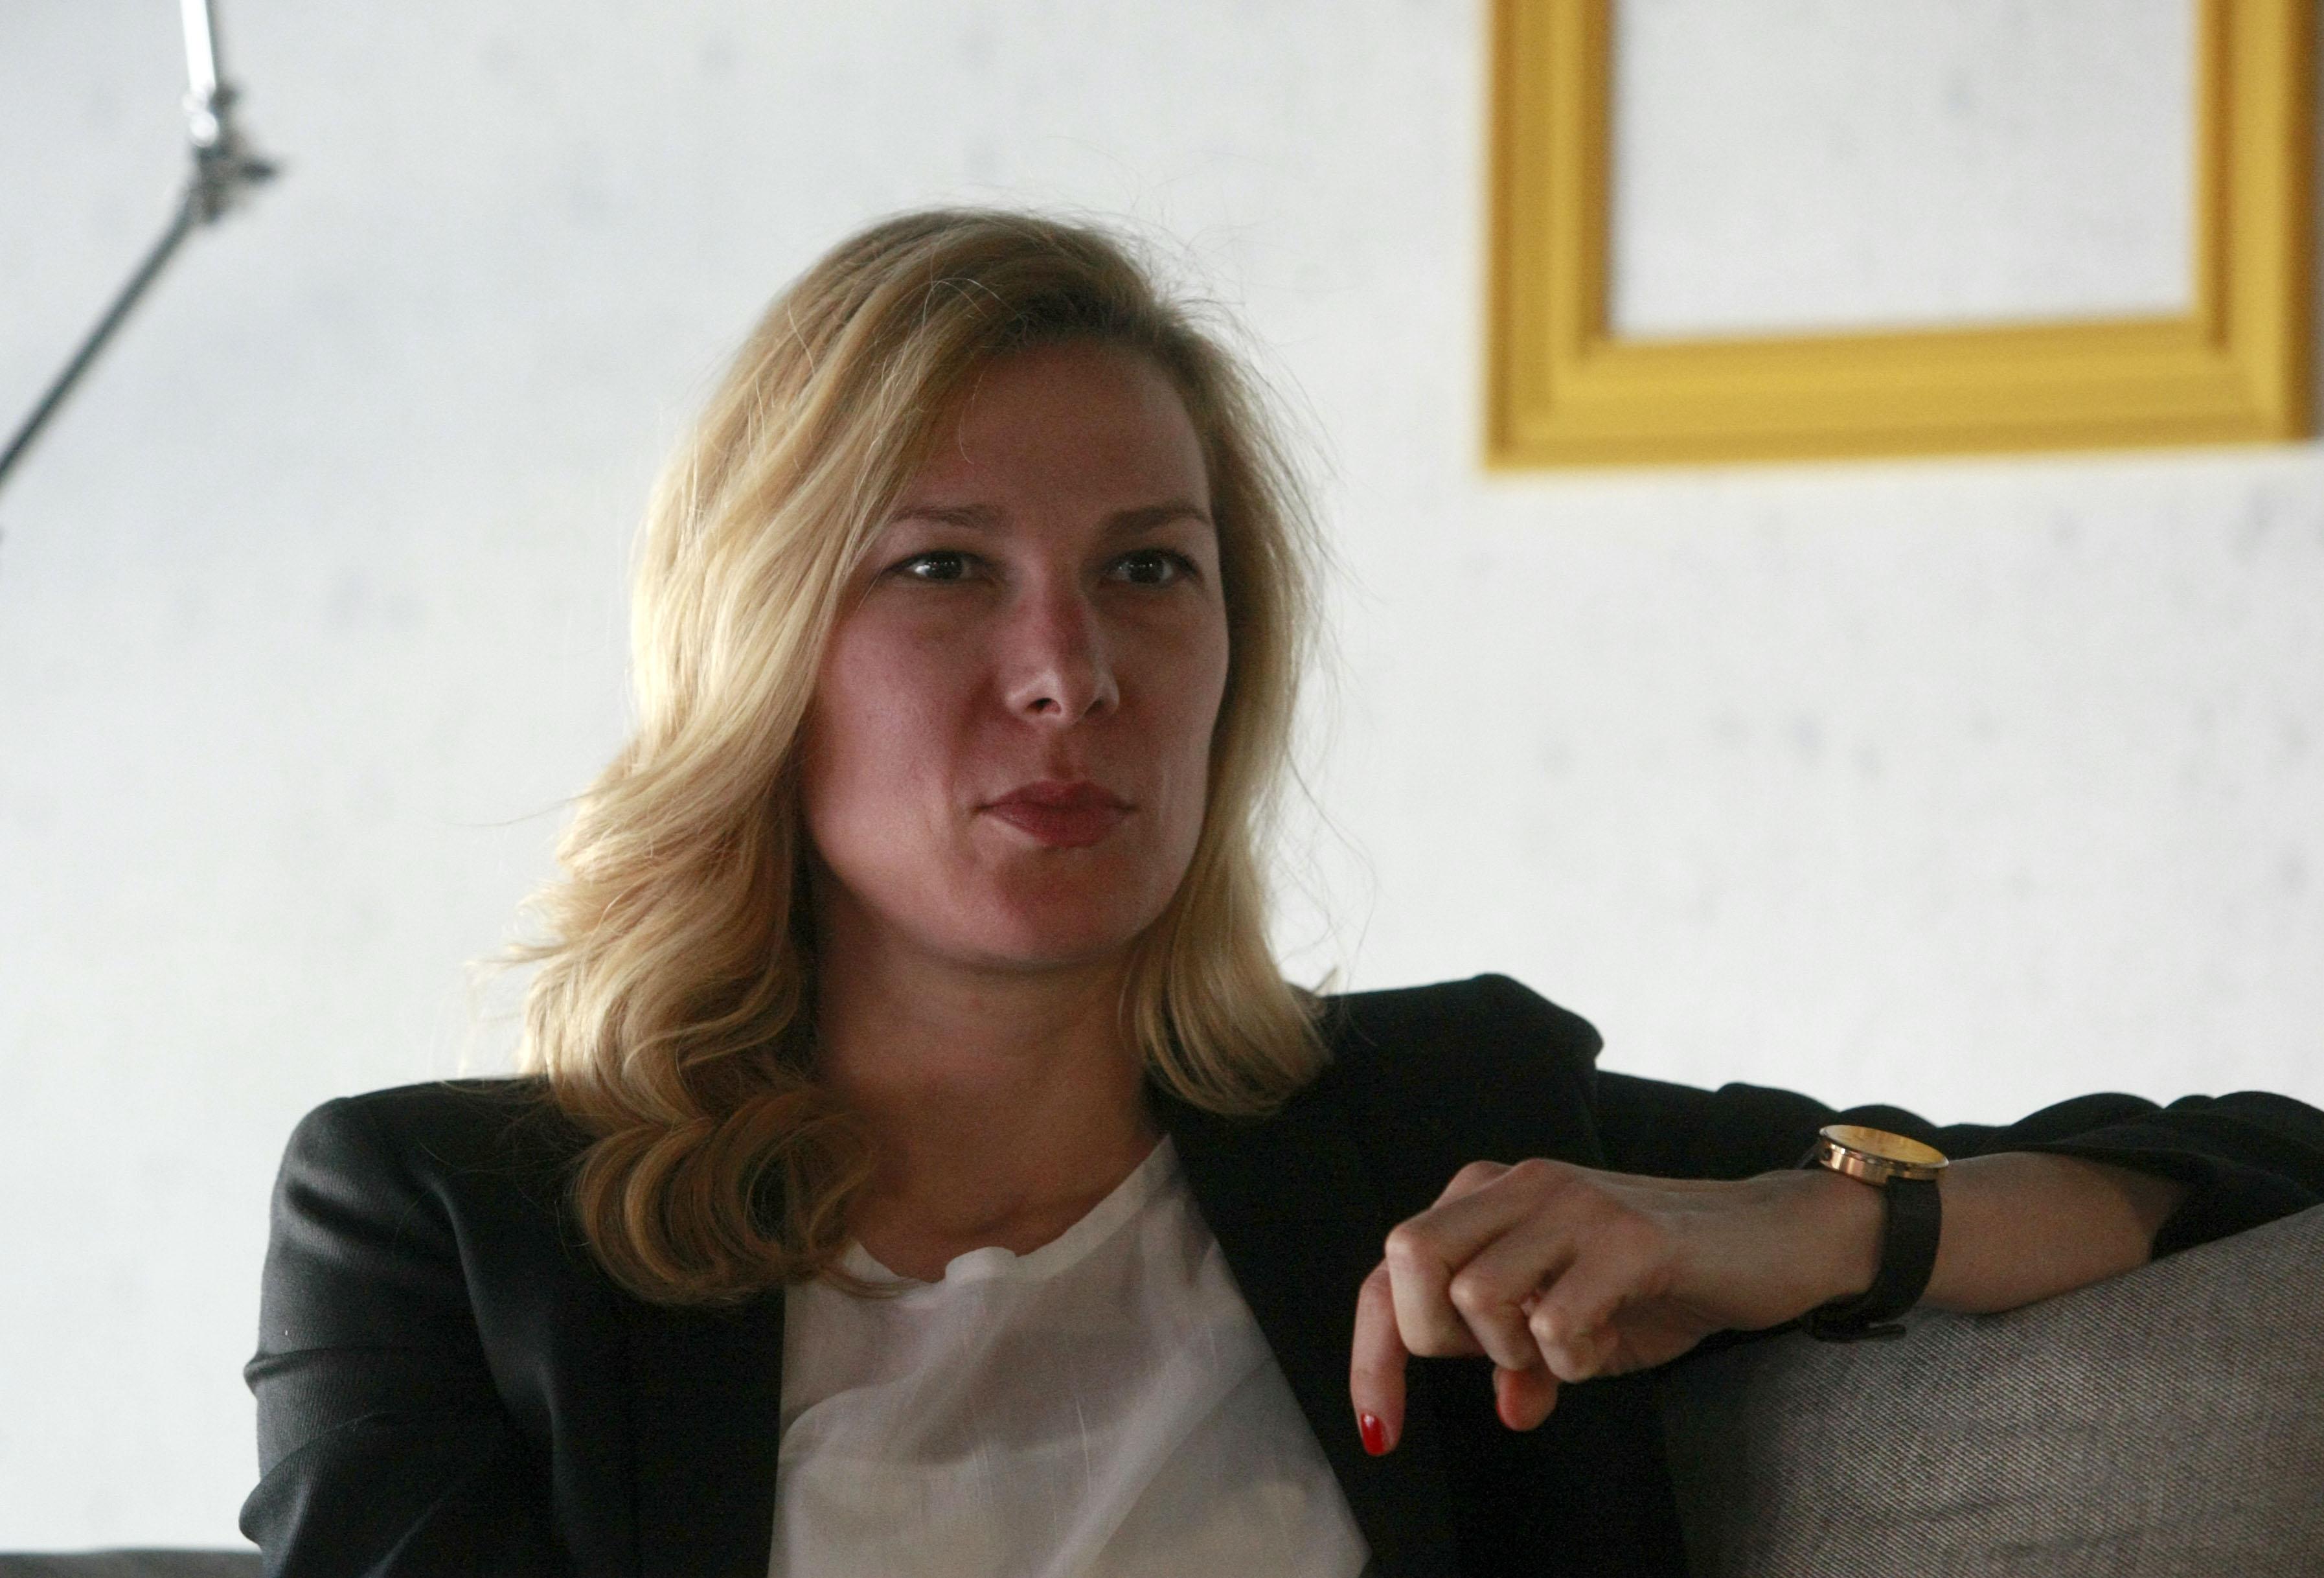 Ksenija Đorđević je sa svojim KDA studijom do sada imala prilike da radi na projektima kao što su rekonstrukcija hotela Moskva u Beogradu